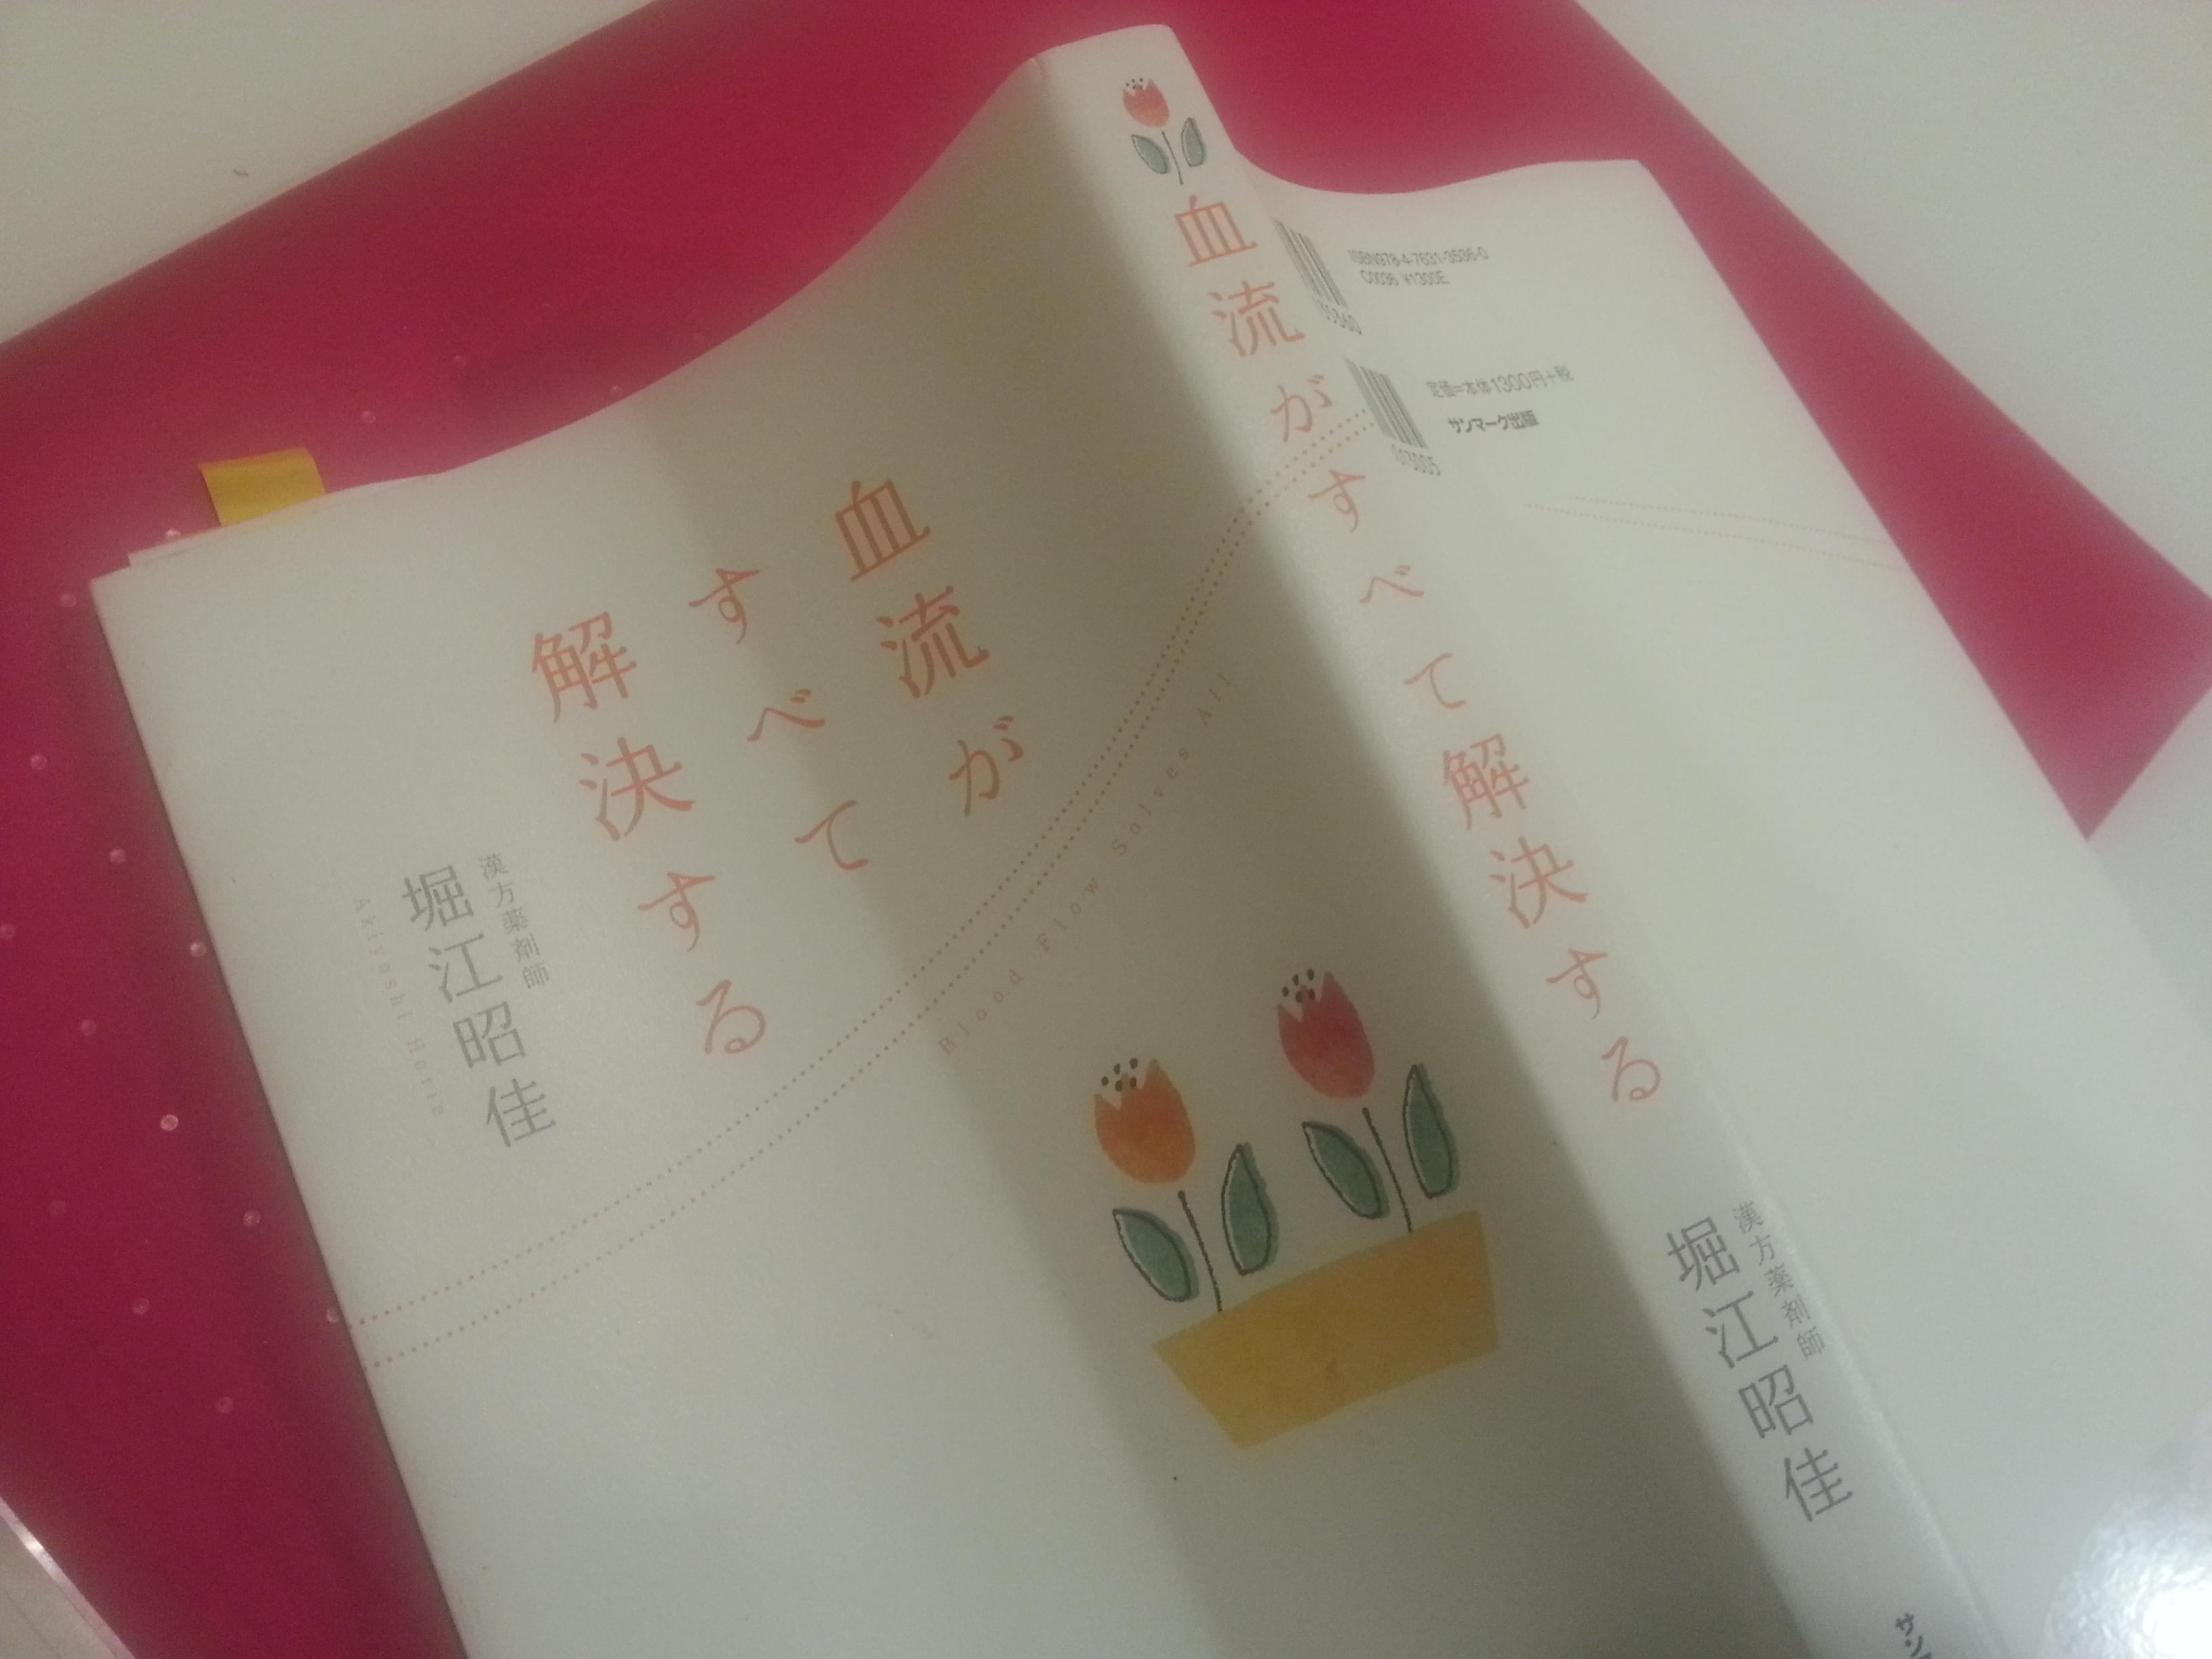 堀江昭佳さんの「血流がすべて解決する」を読んで一週間夕食断食をやってみました①